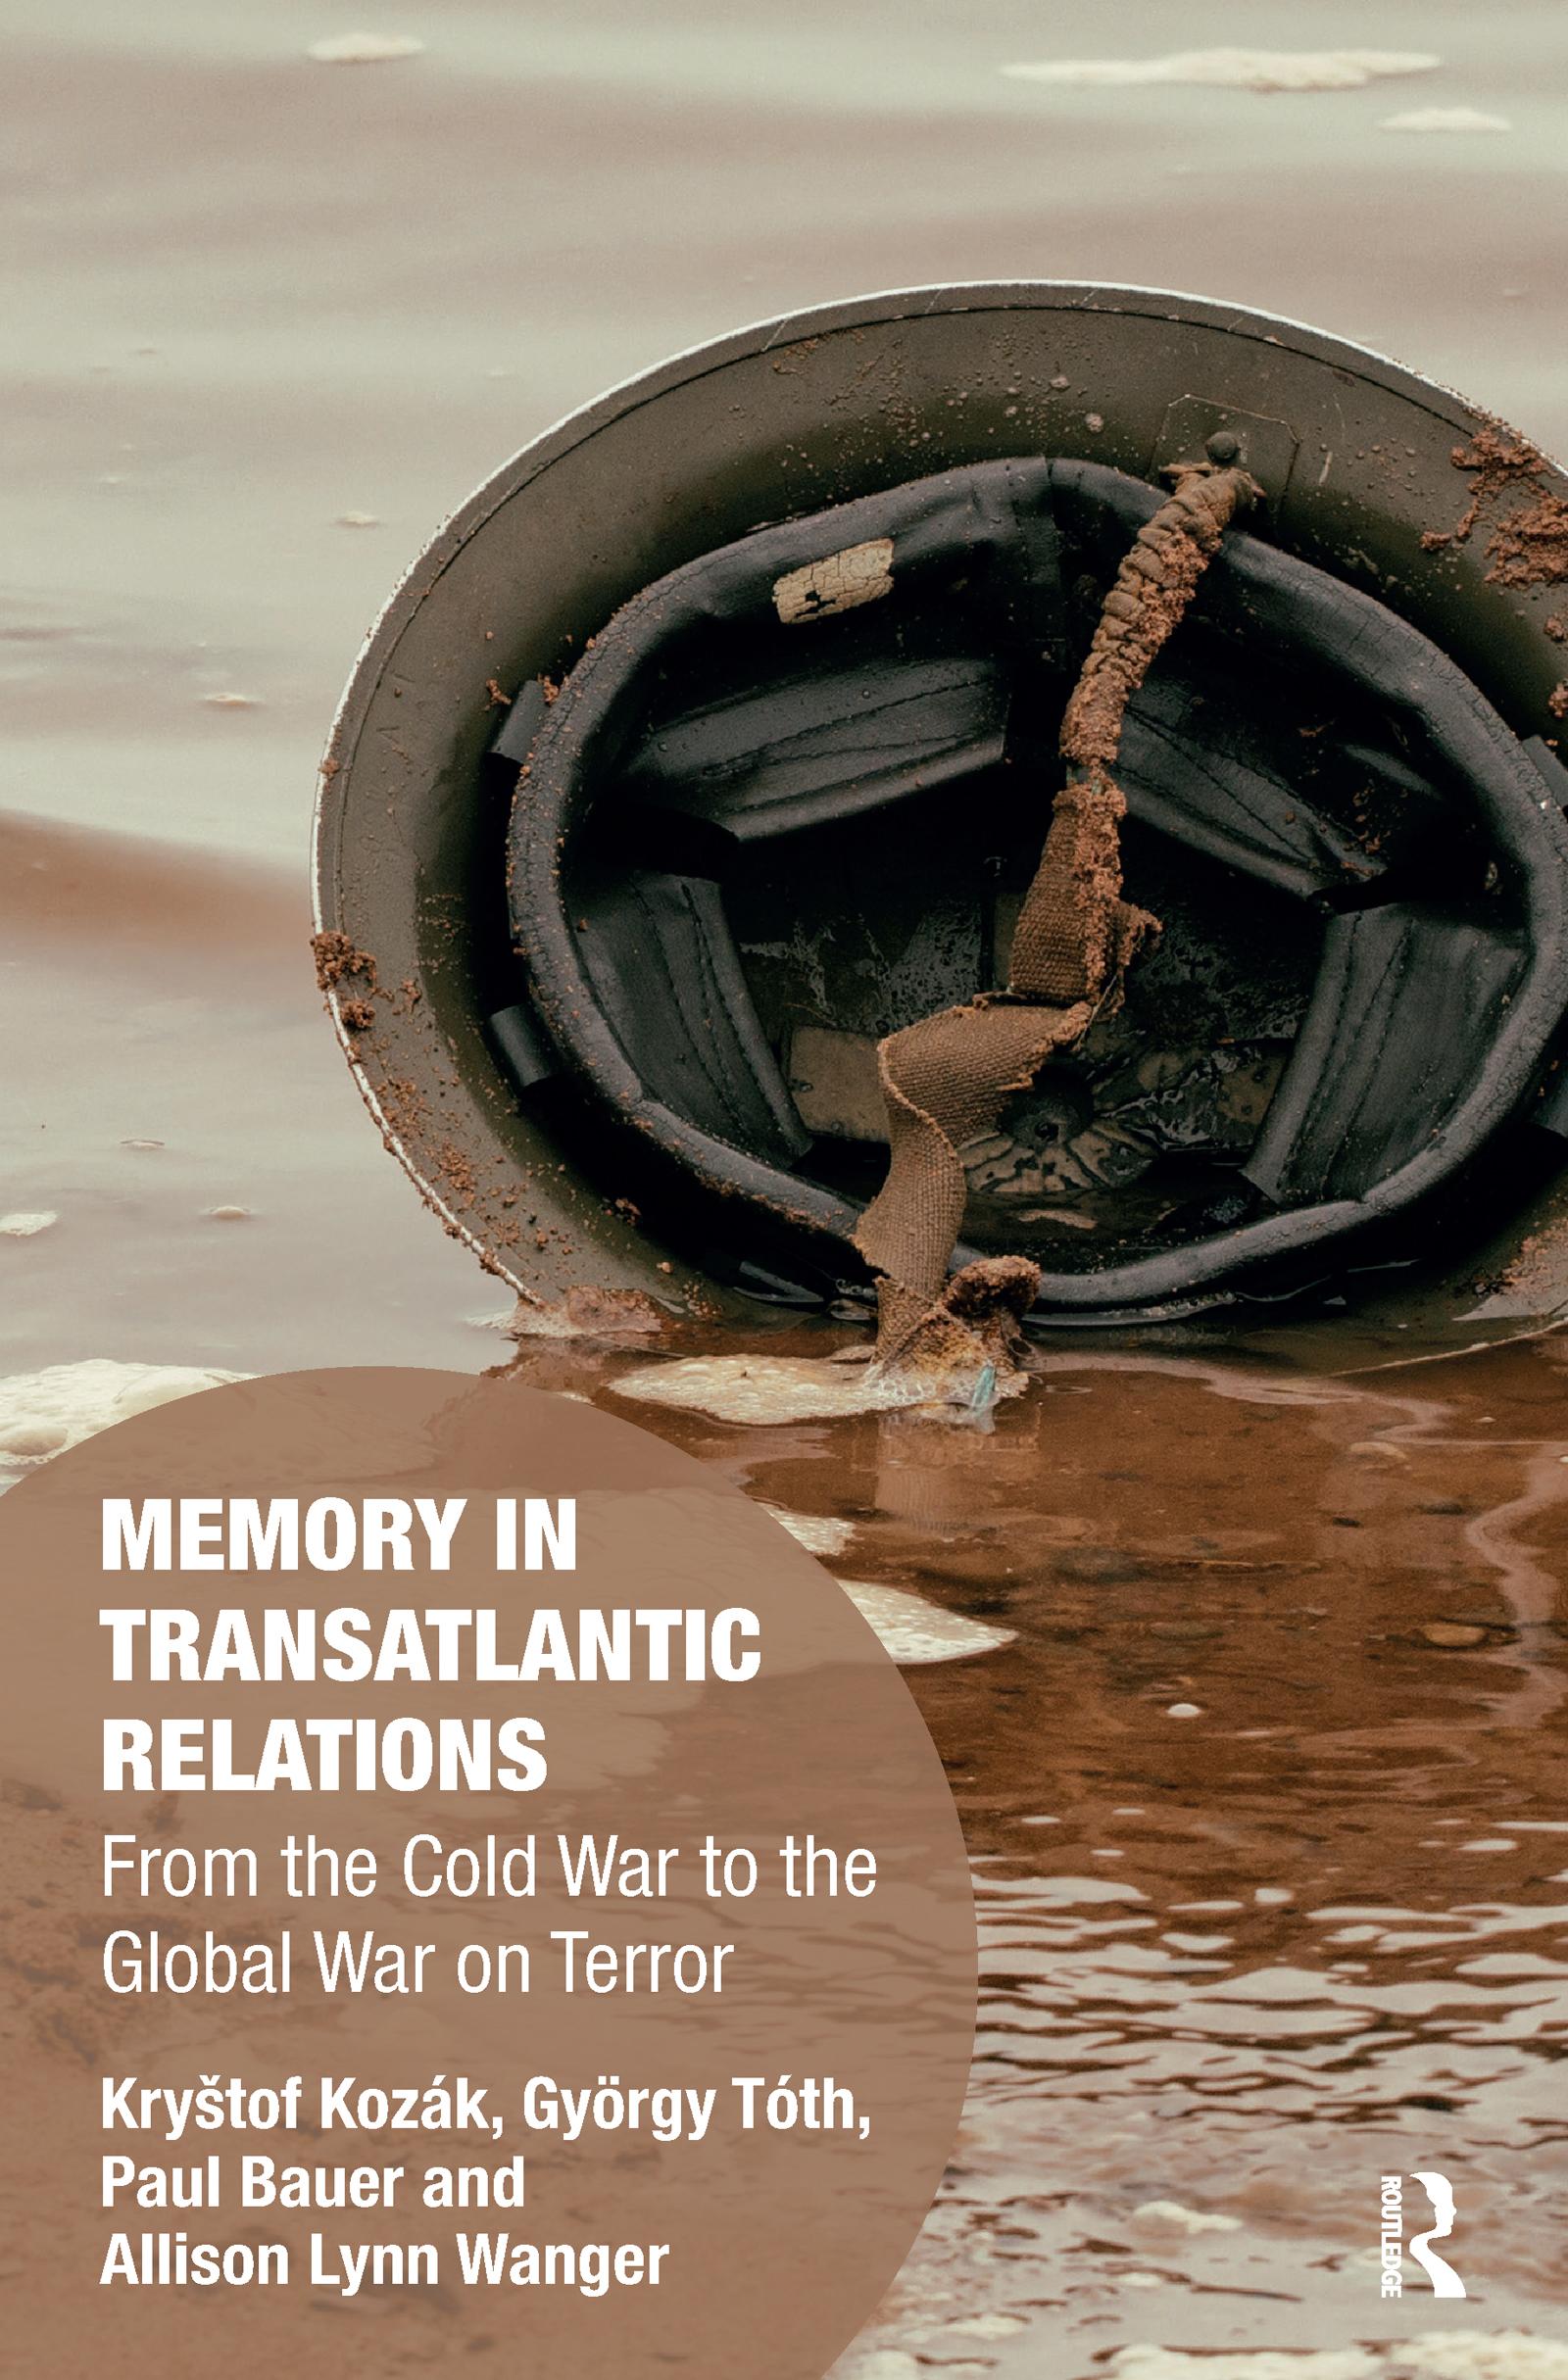 Memory in Transatlantic Relations